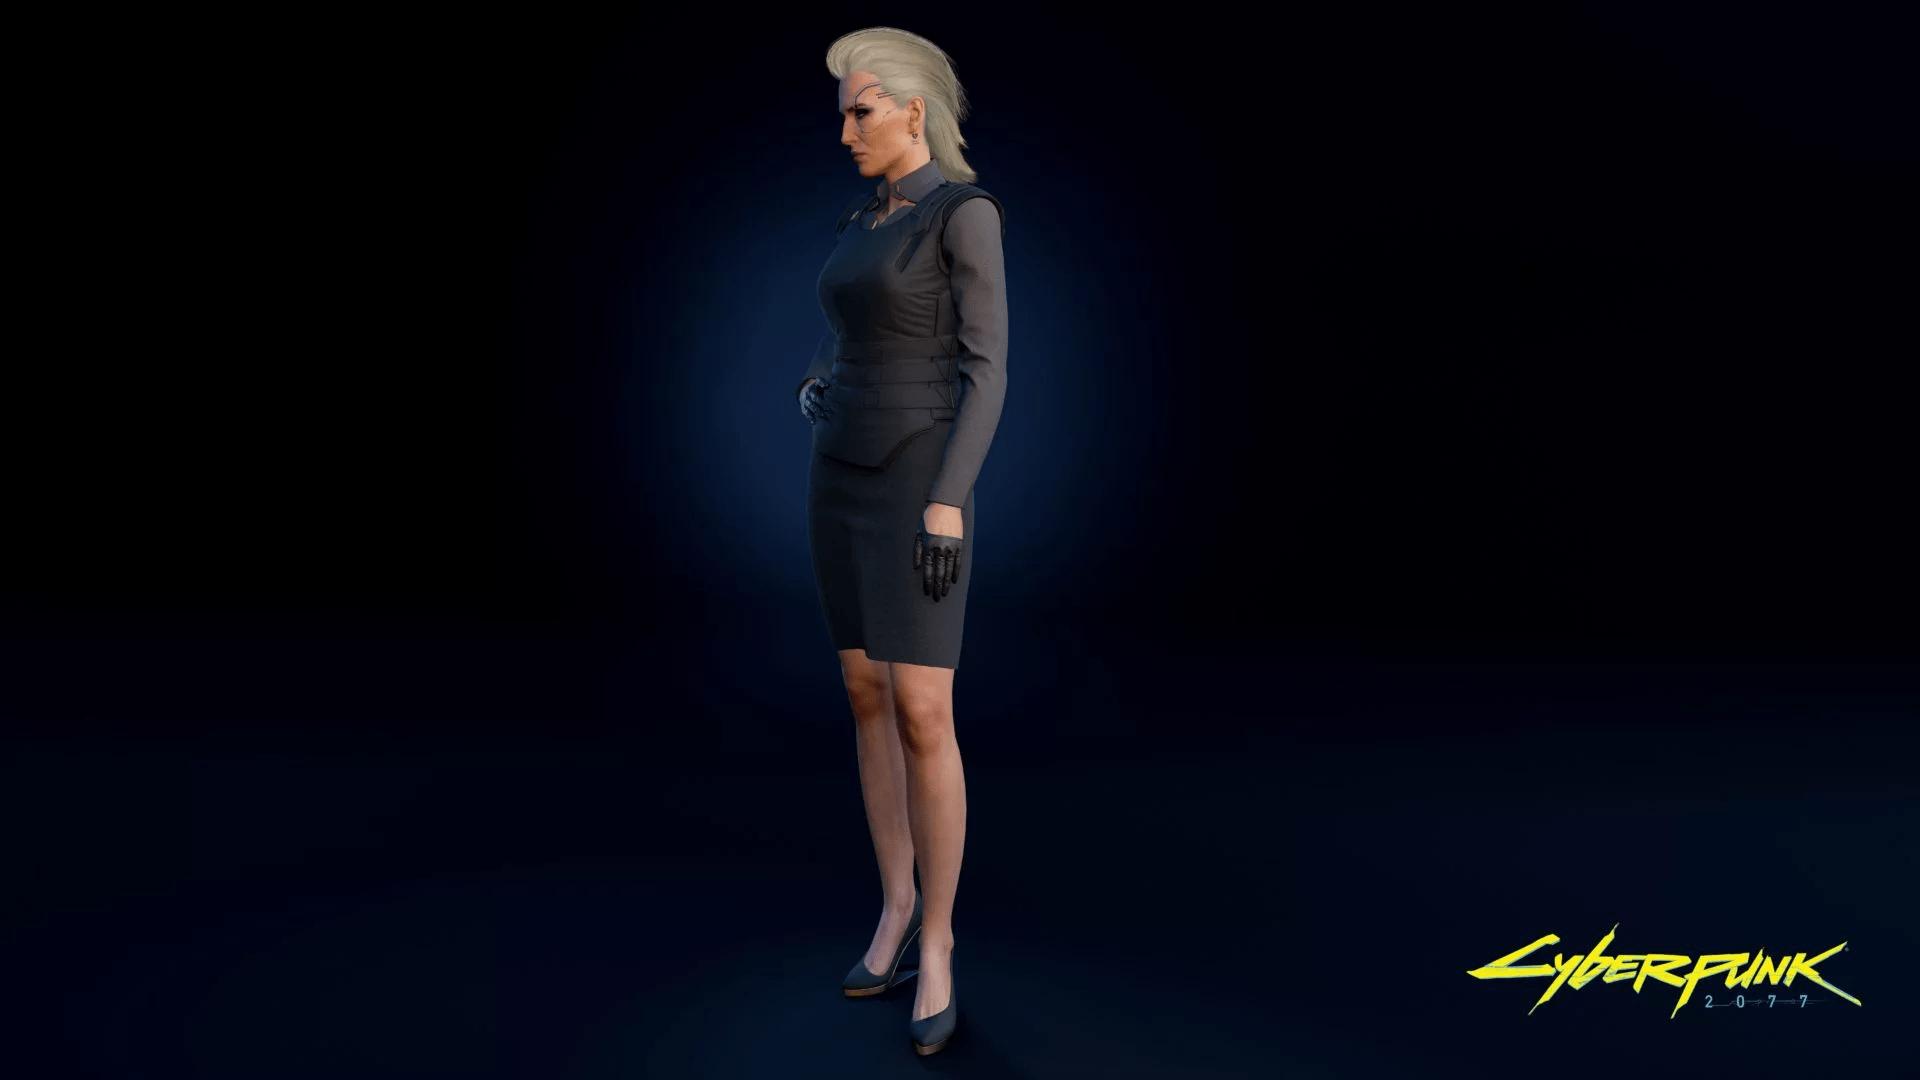 Novas imagens de Cyberpunk 2077 têm referências a The Witcher 3 2